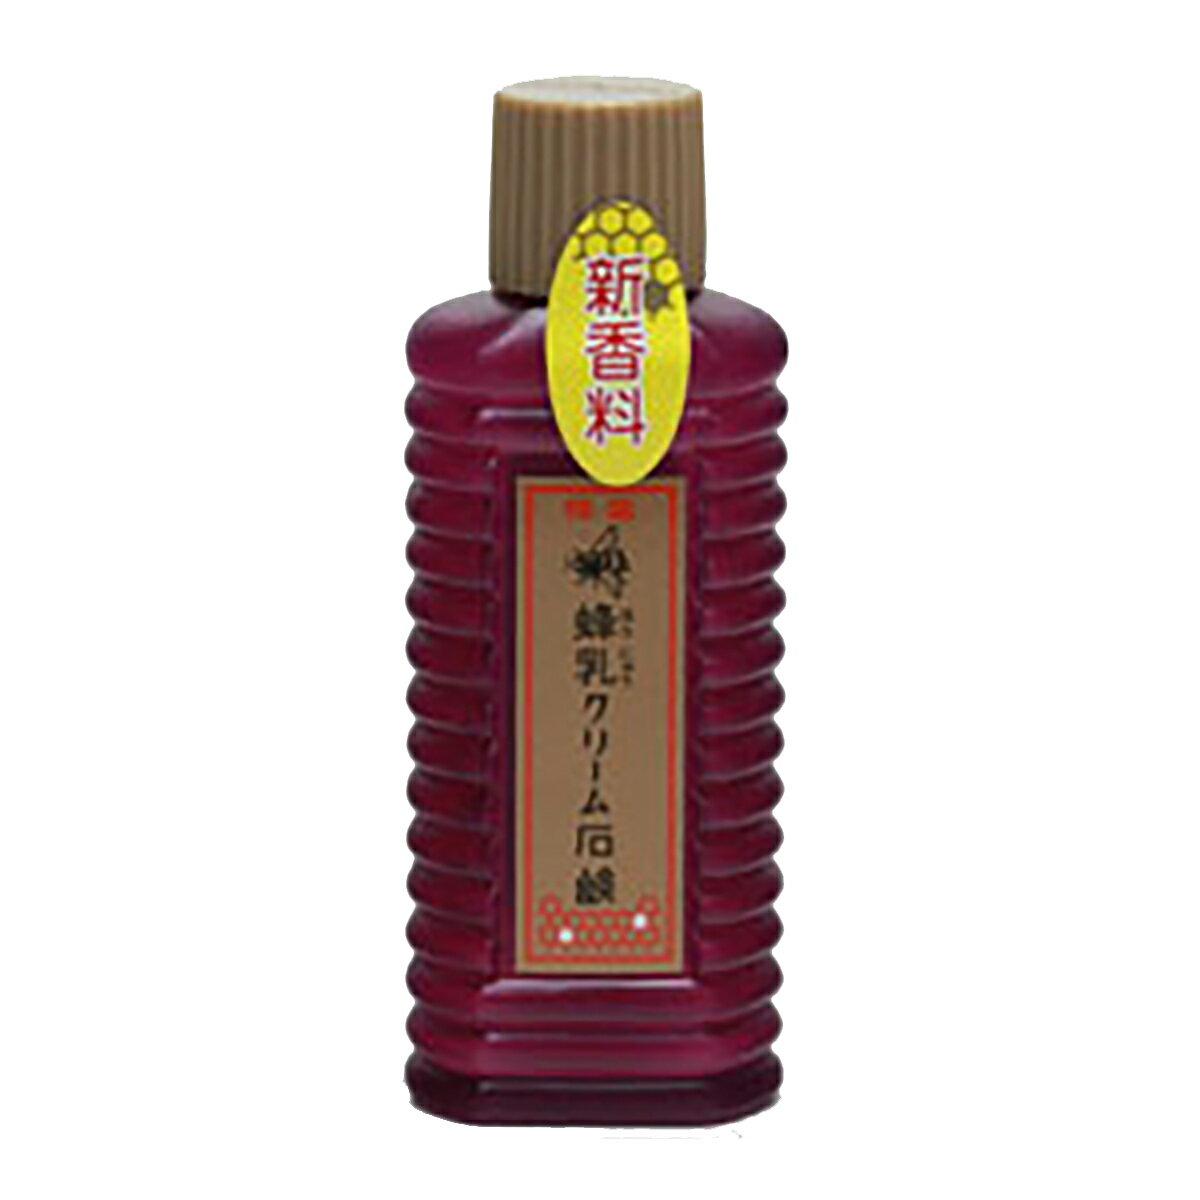 蜂乳 ホウニュウクリームセッケン80CC×156点セット まとめ買い特価!ケース販売 ( 4902496100027 ):姫路流通センター